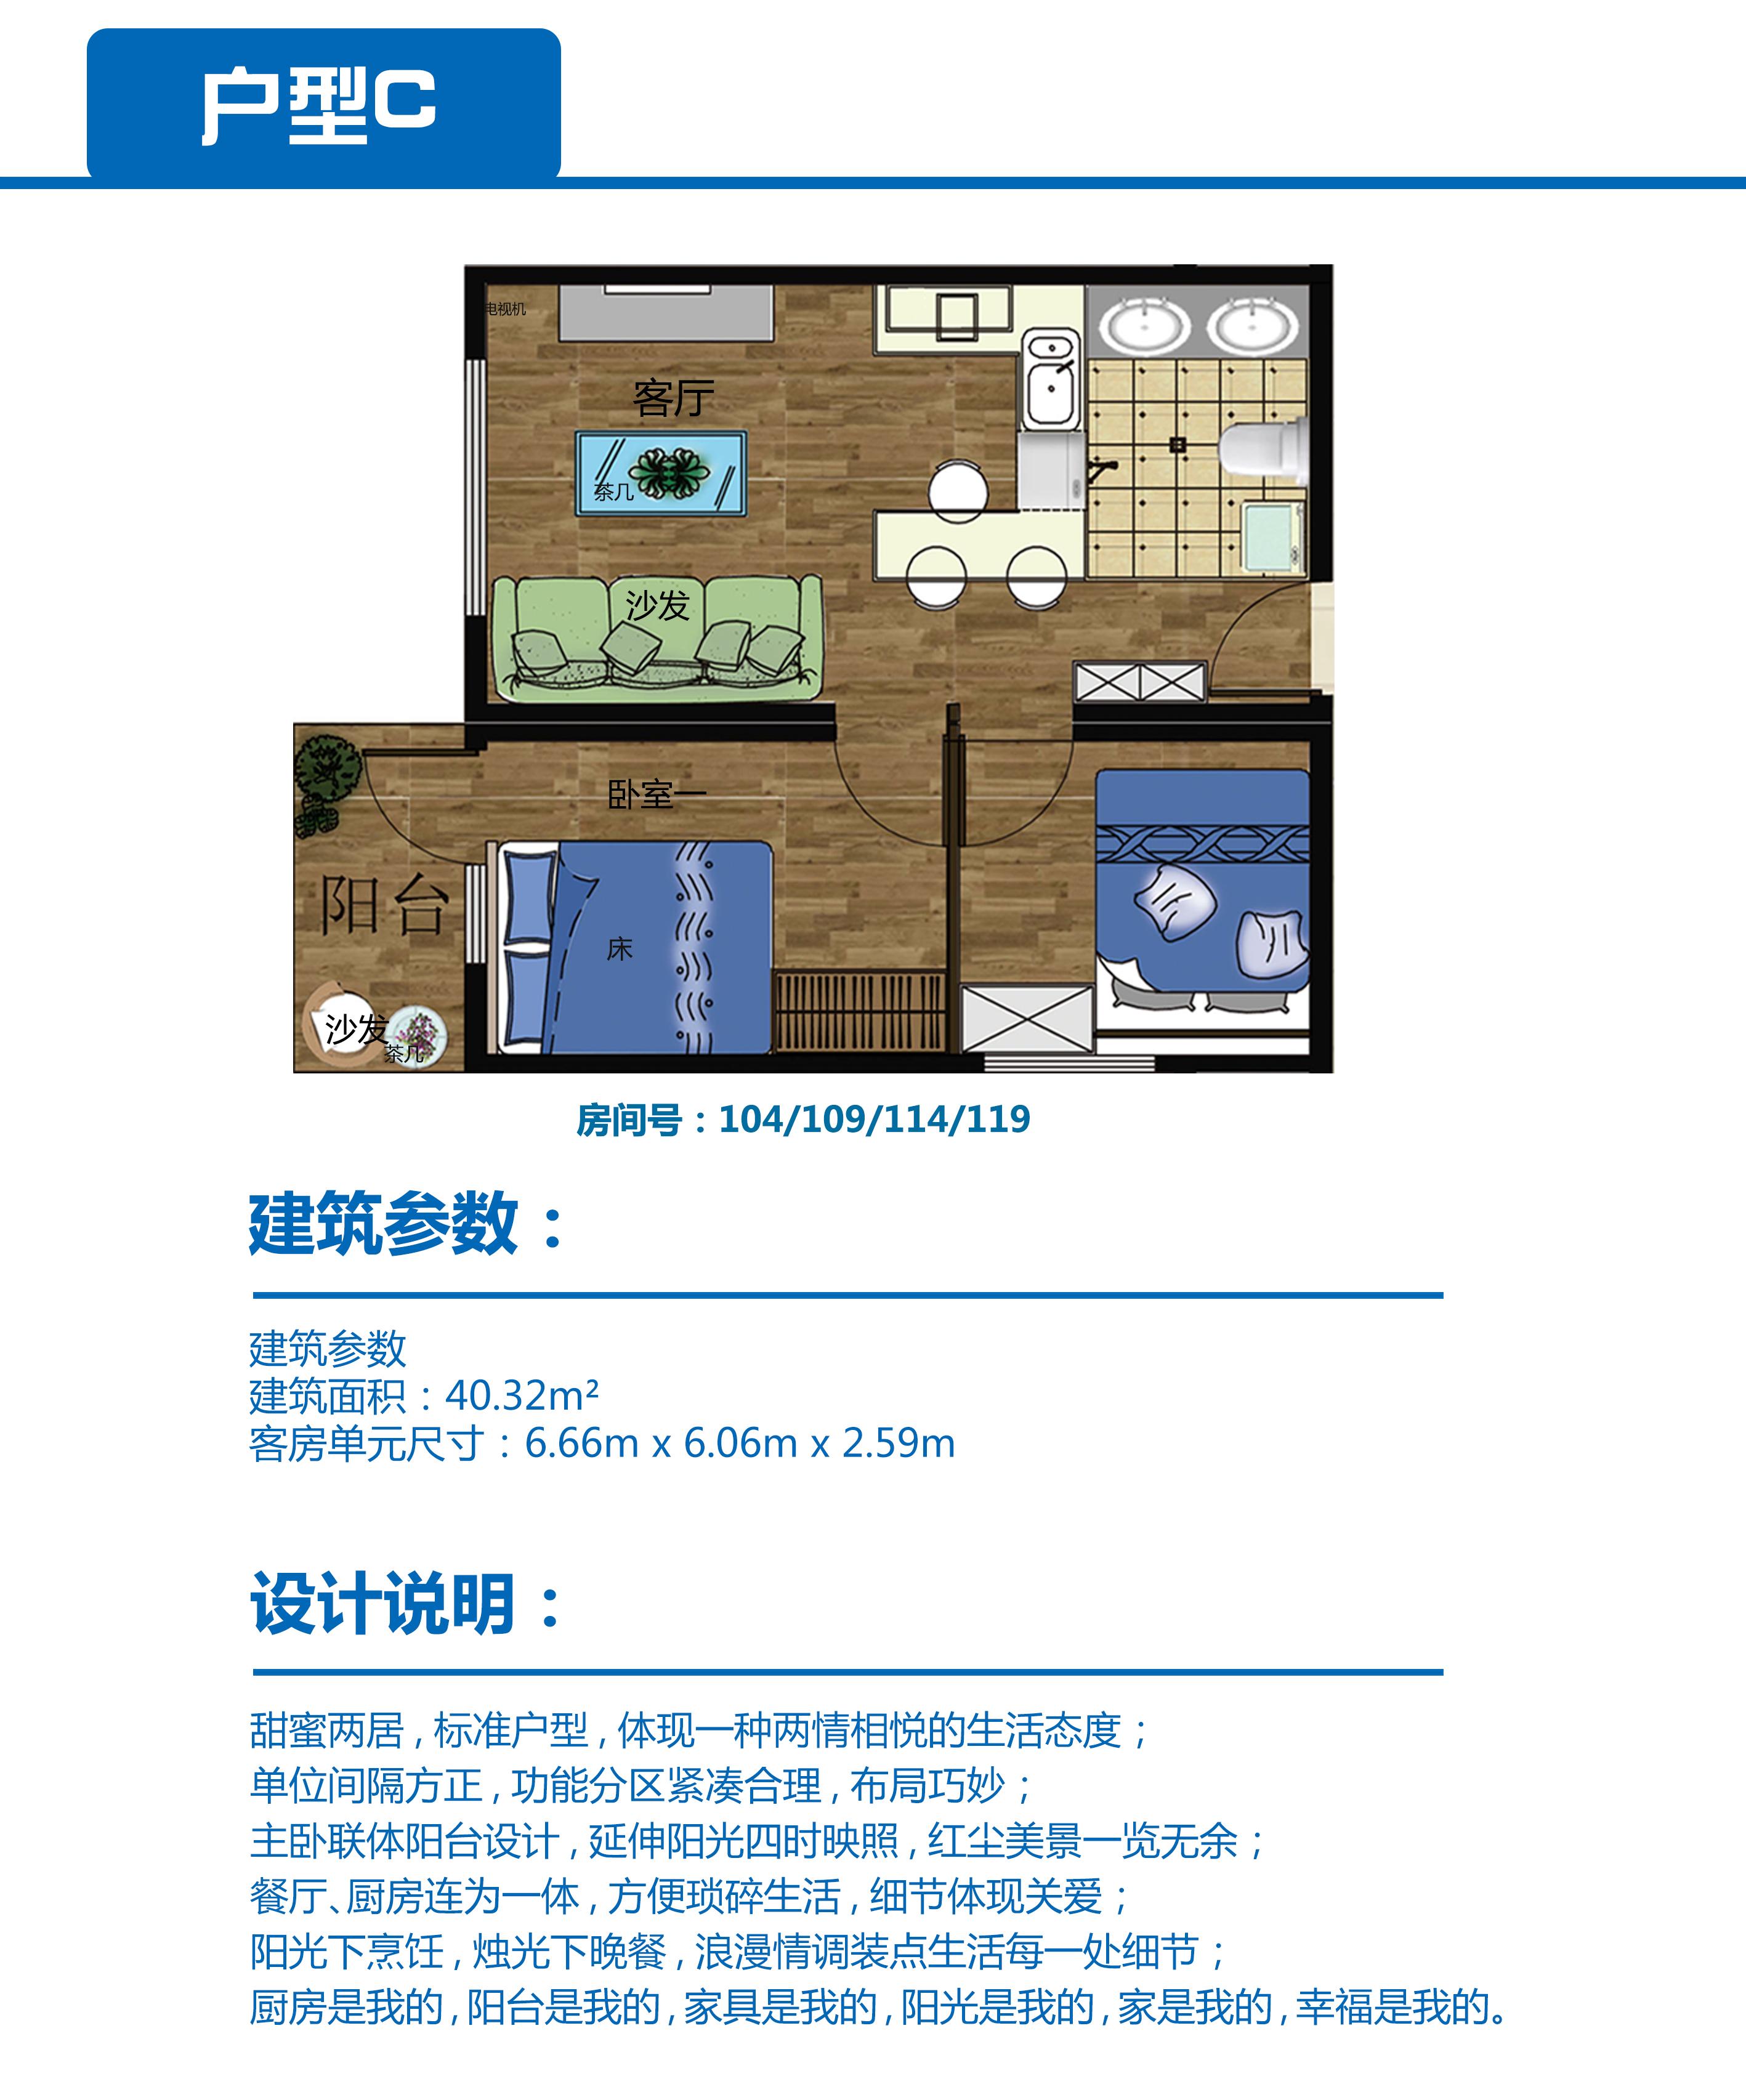 """集装箱青年公寓""""少就是多""""的简约设计(附图)图片"""